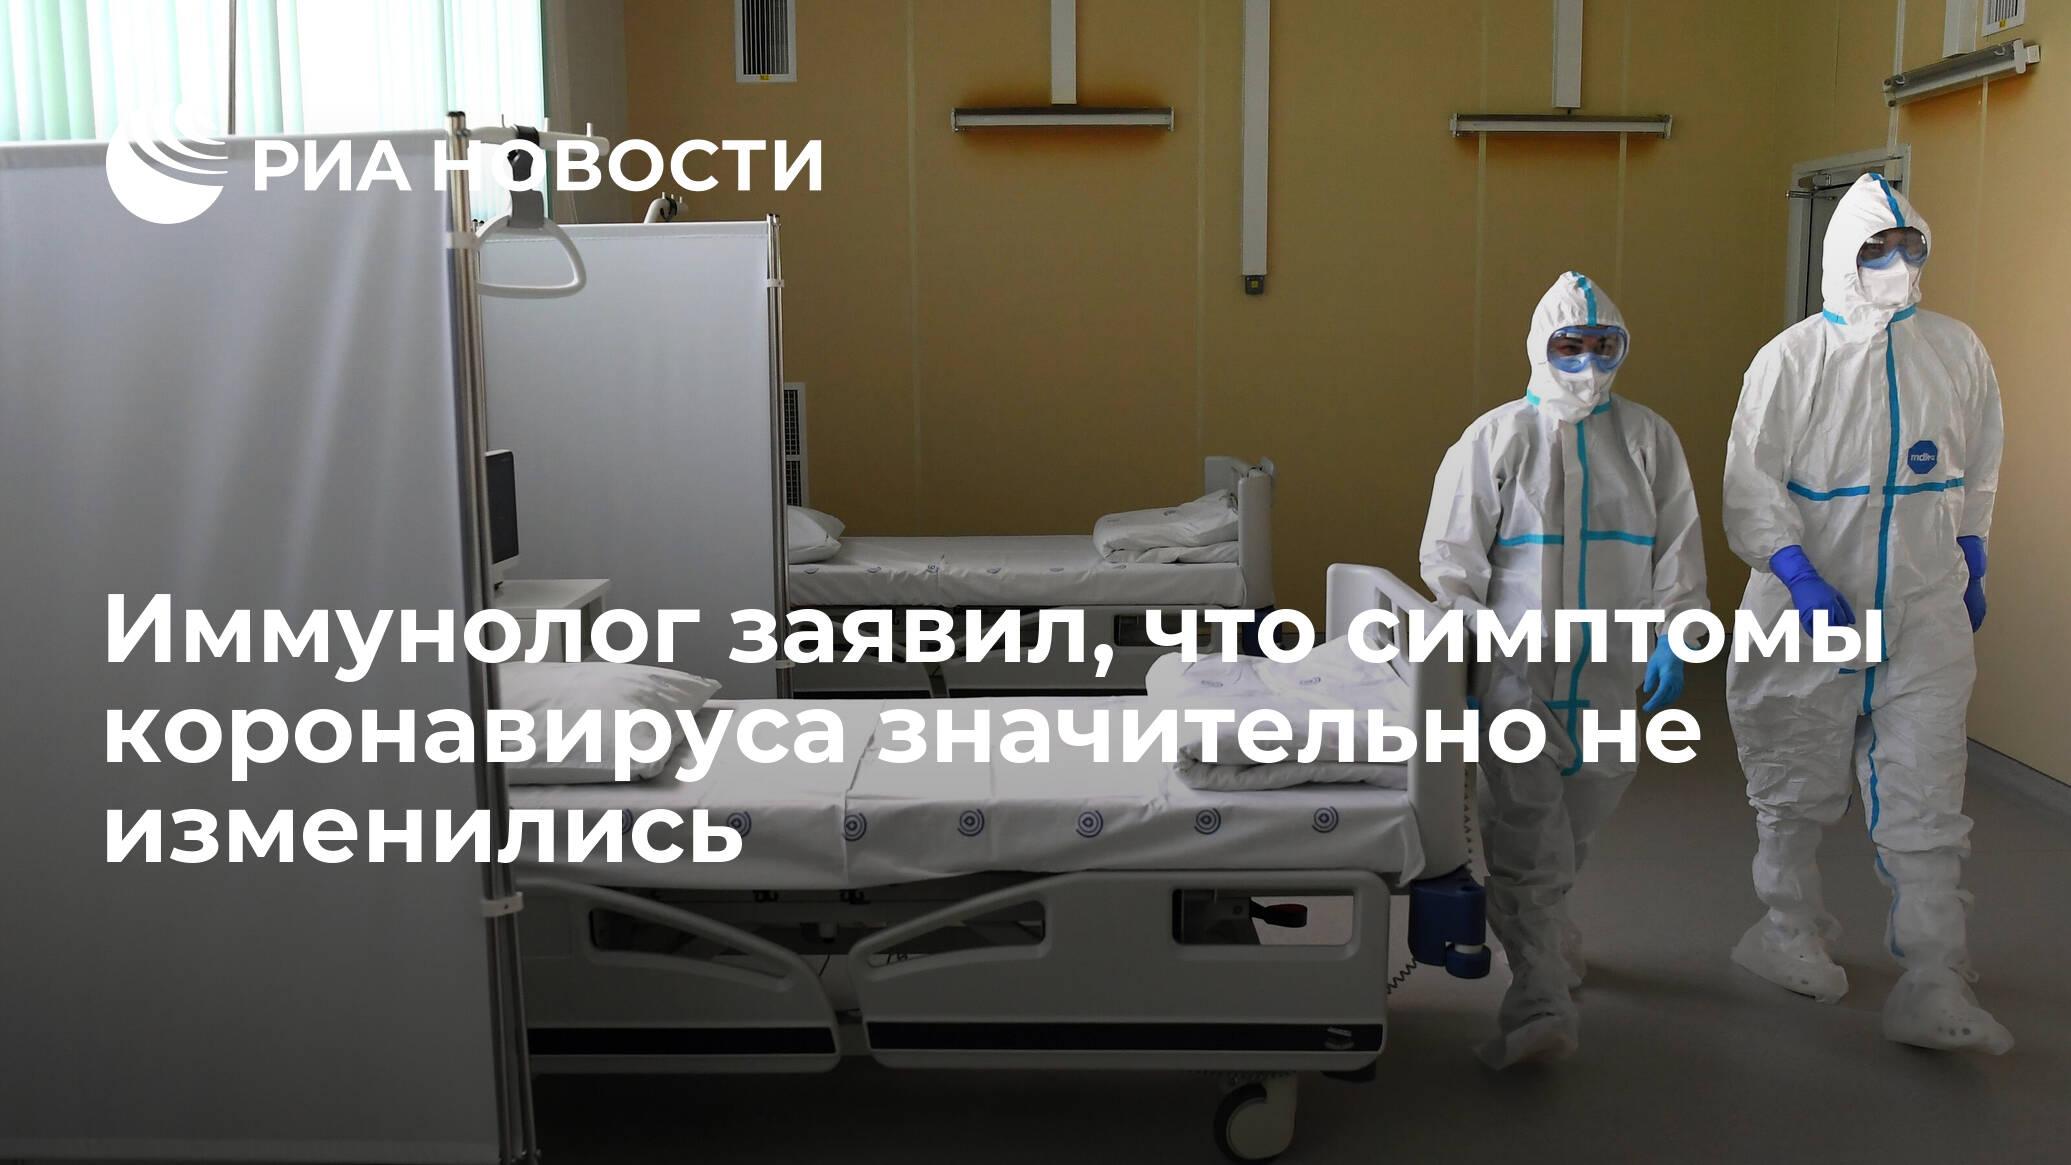 Симптомы коронавируса существенно не изменились, заявил врач Владислав Жемчугов.